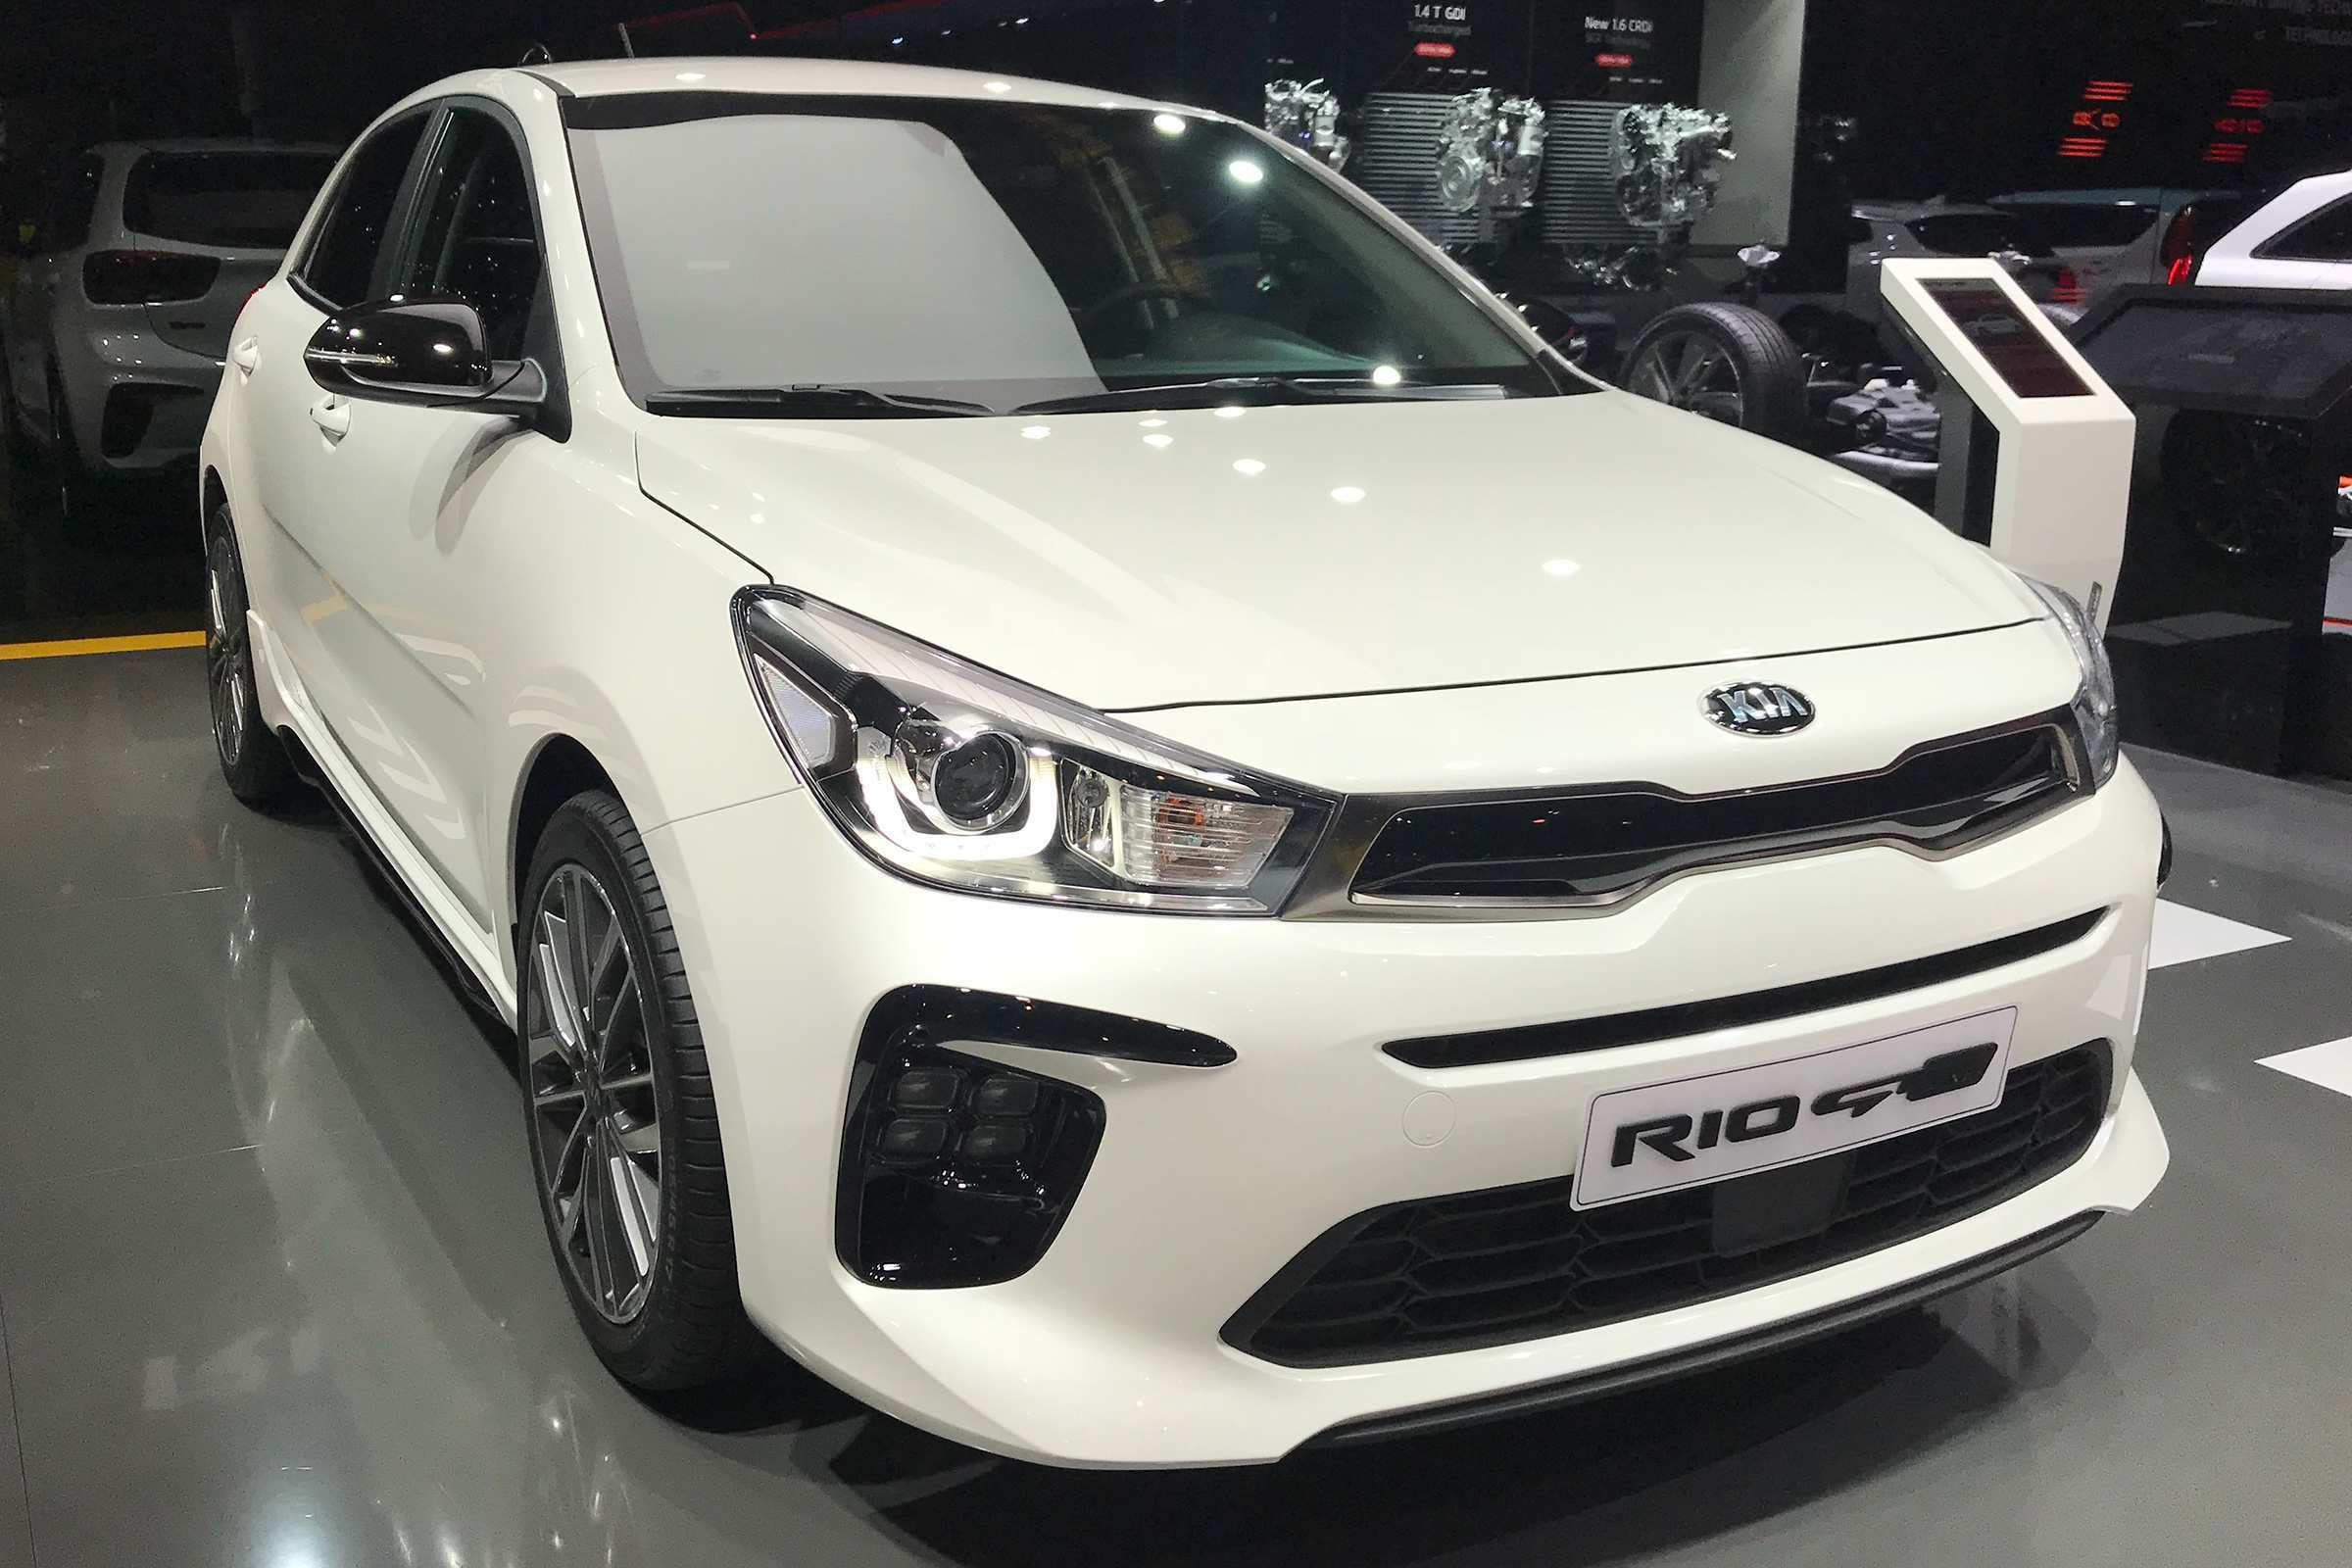 41 All New Kia Rio Gt 2020 Prices for Kia Rio Gt 2020